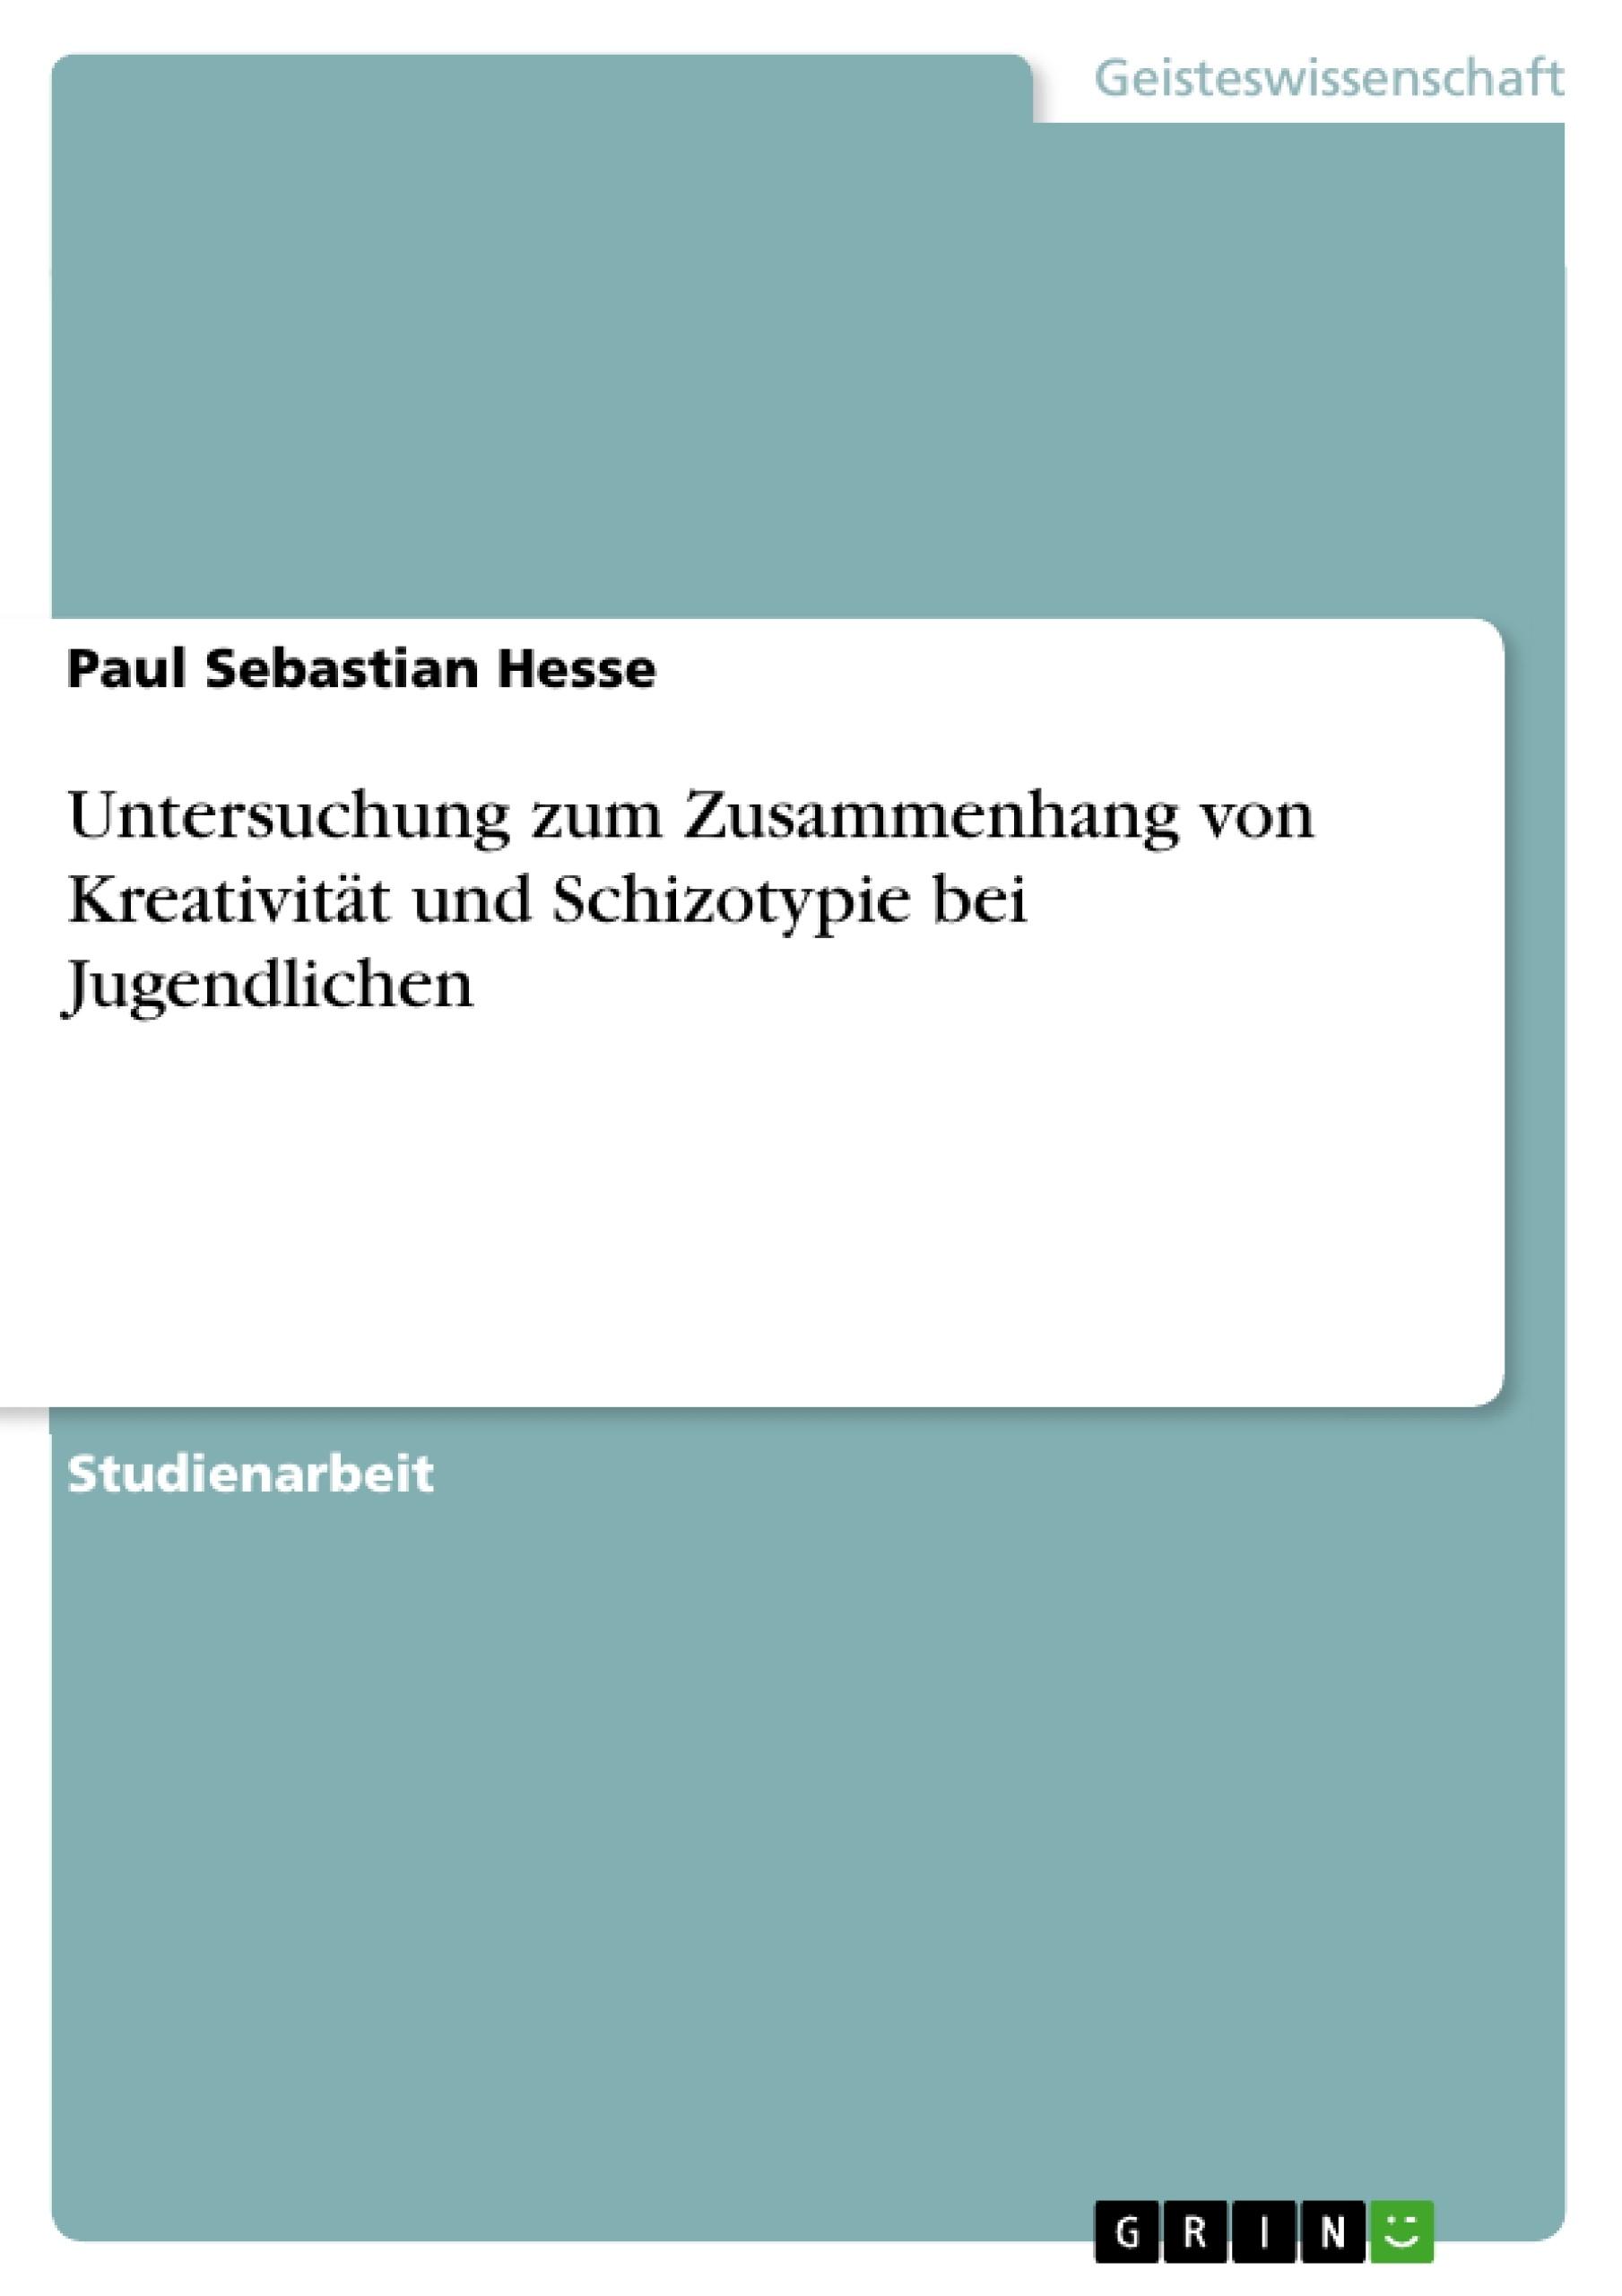 Titel: Untersuchung zum Zusammenhang von Kreativität und Schizotypie bei Jugendlichen